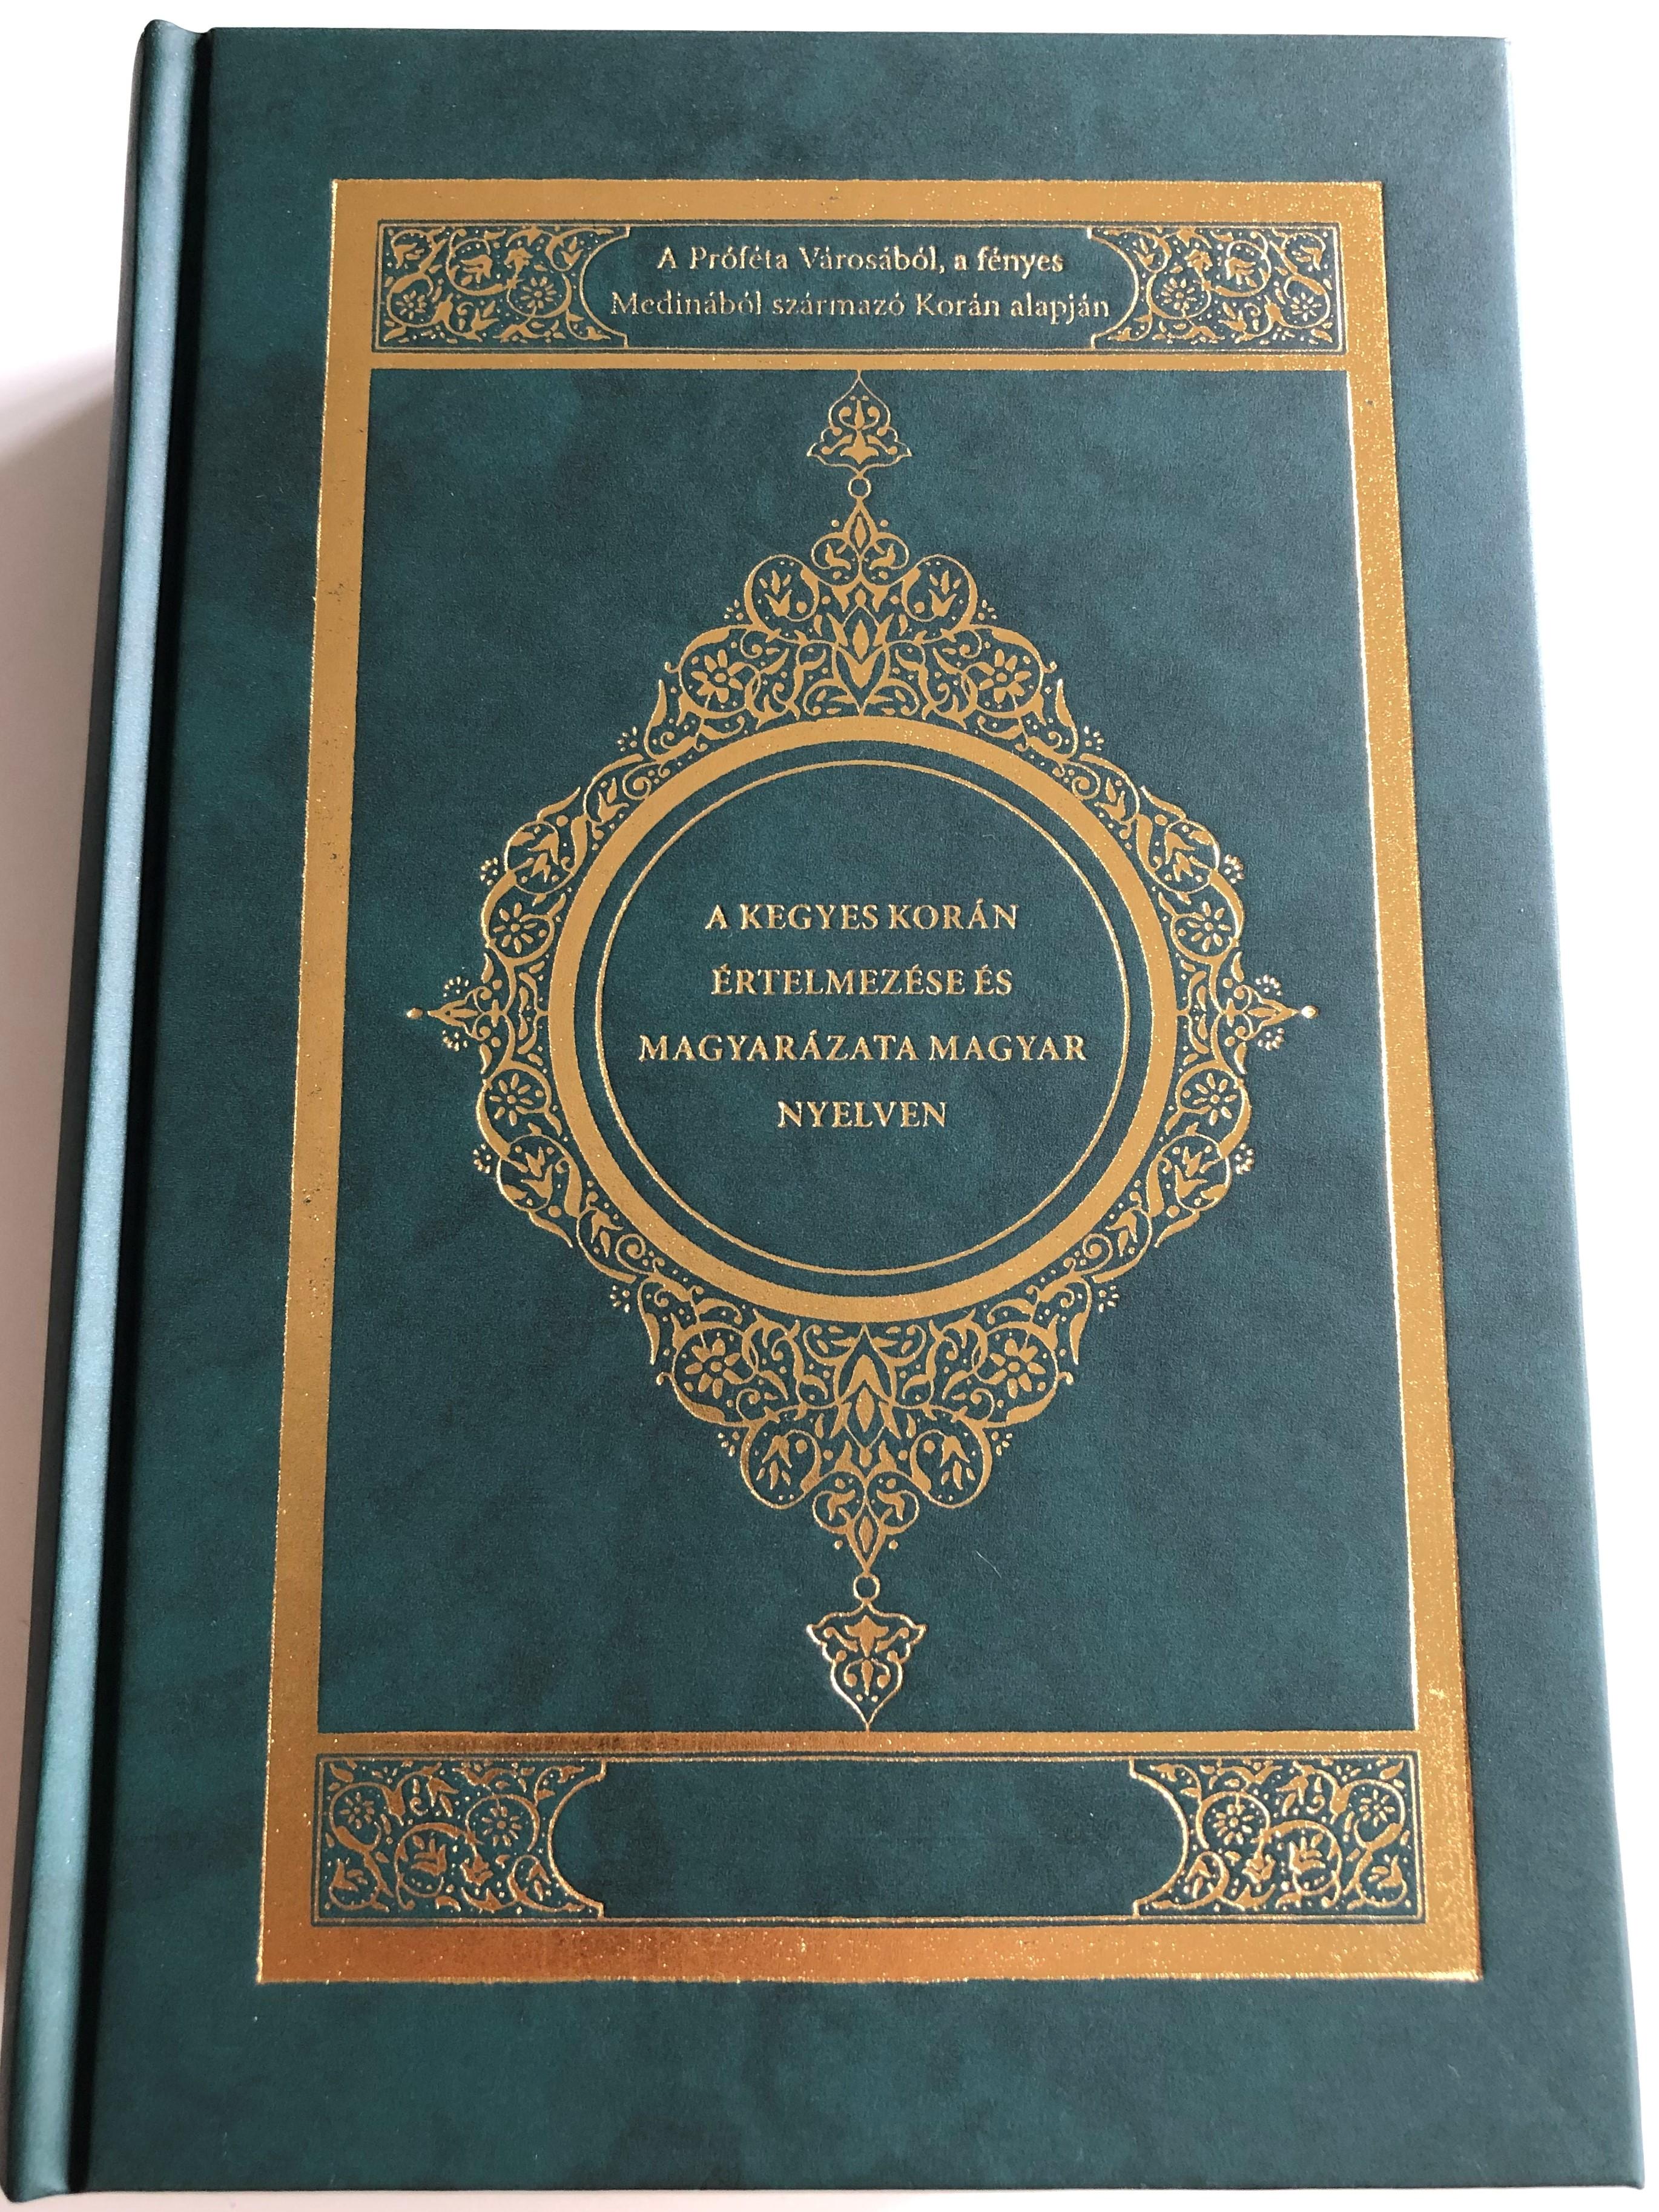 kegyes-kor-n-hungarian-interpretation-of-the-qur-an-a-pr-f-ta-v-ros-b-lm-a-f-nyes-medin-b-l-sz-rmaz-kor-n-alapj-n-hardcover-2010-hanif-iszl-m-1-.jpg